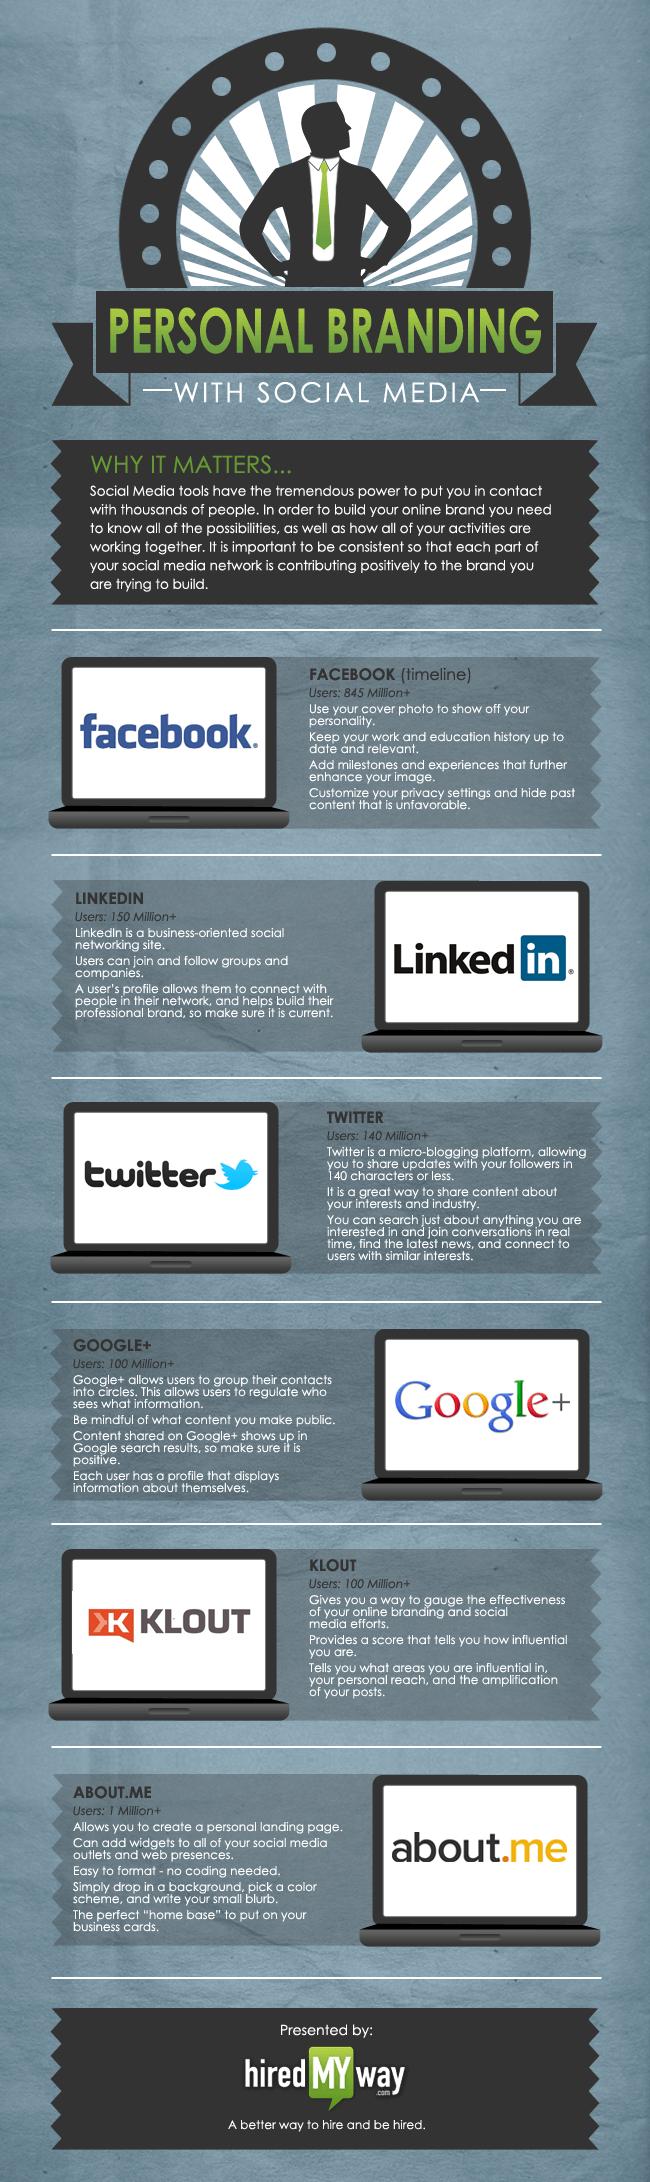 Oben eingefügte Infografik zeigt die besten Tipps und Tricks für Personal Branding. (Quelle: Presented by hiredmyway.com / gefunden auf authorityalchemy.com